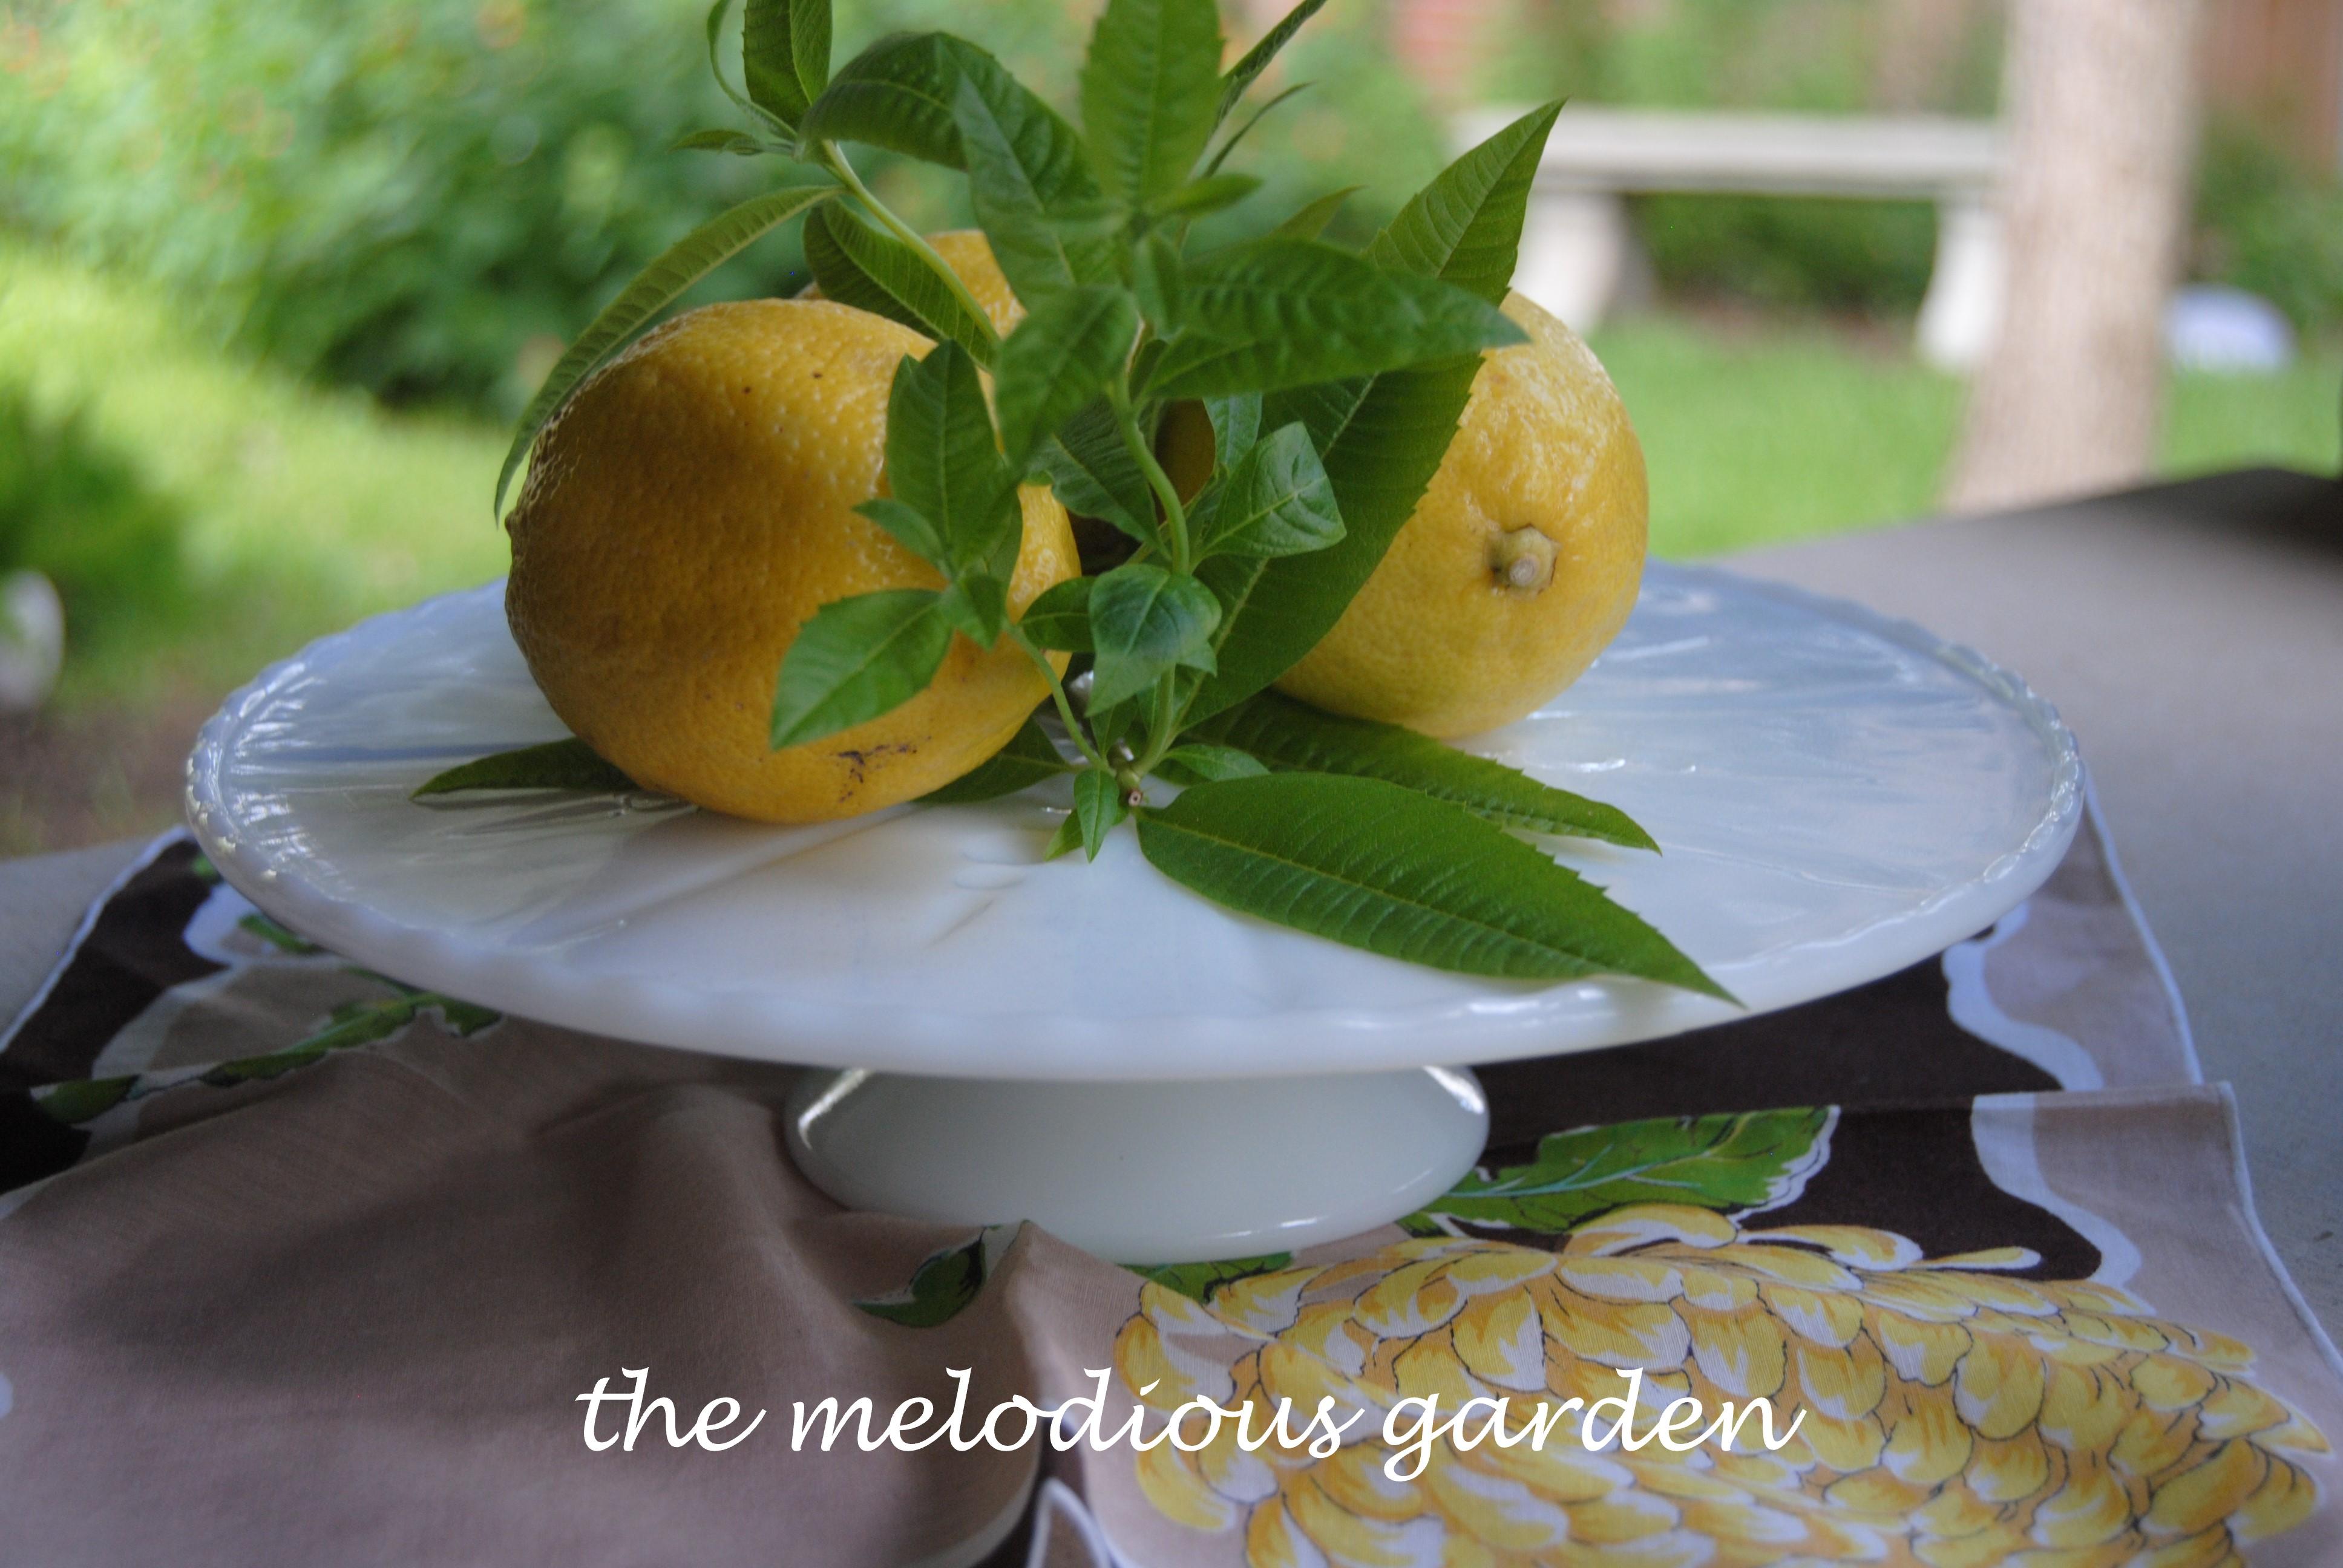 lemon on milk glass